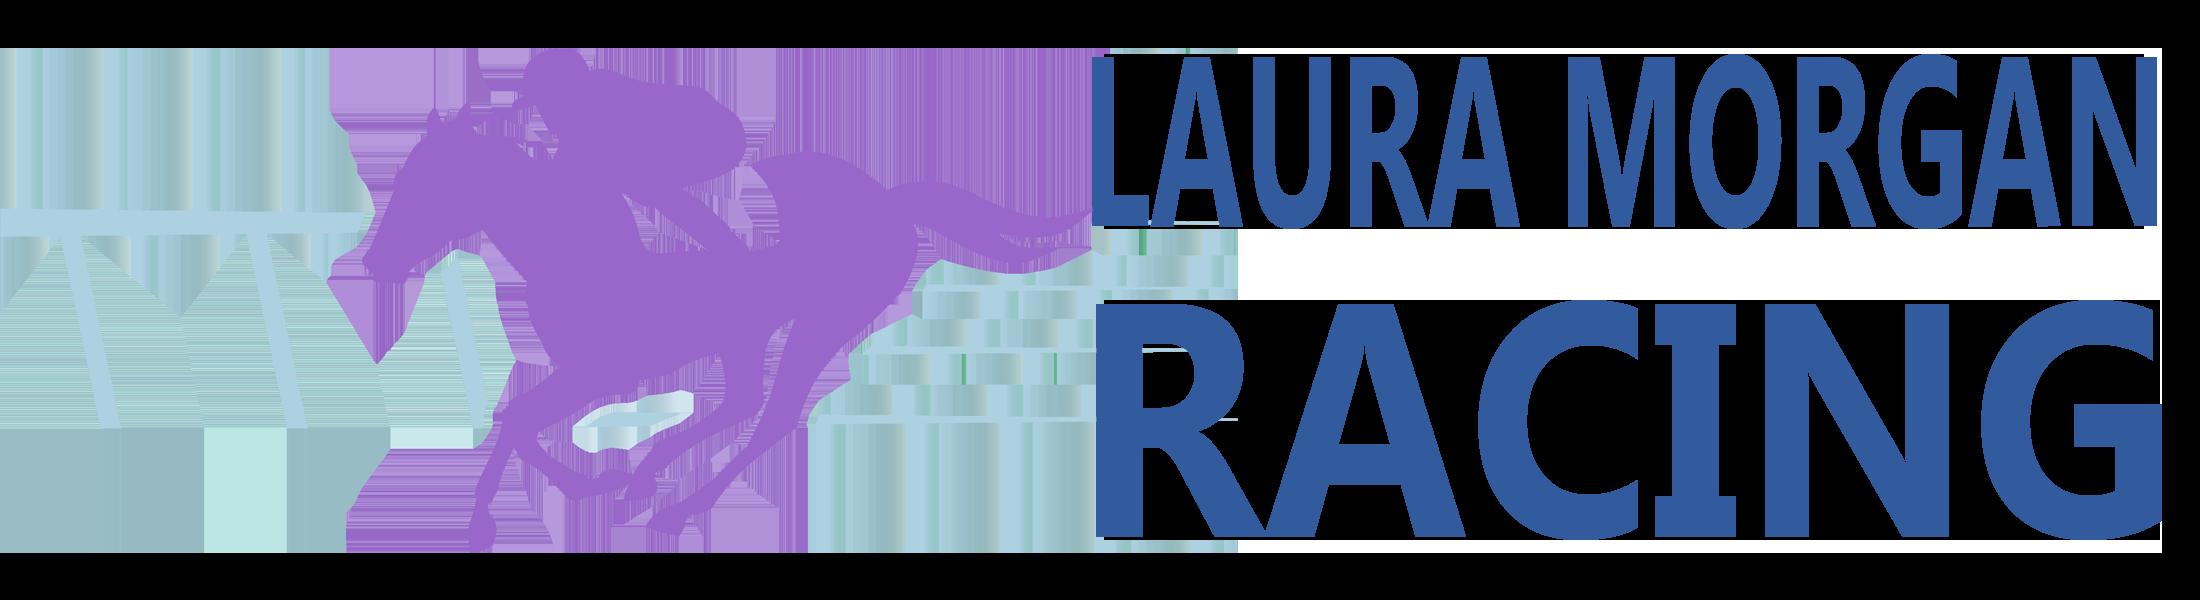 Laura Morgan Racing